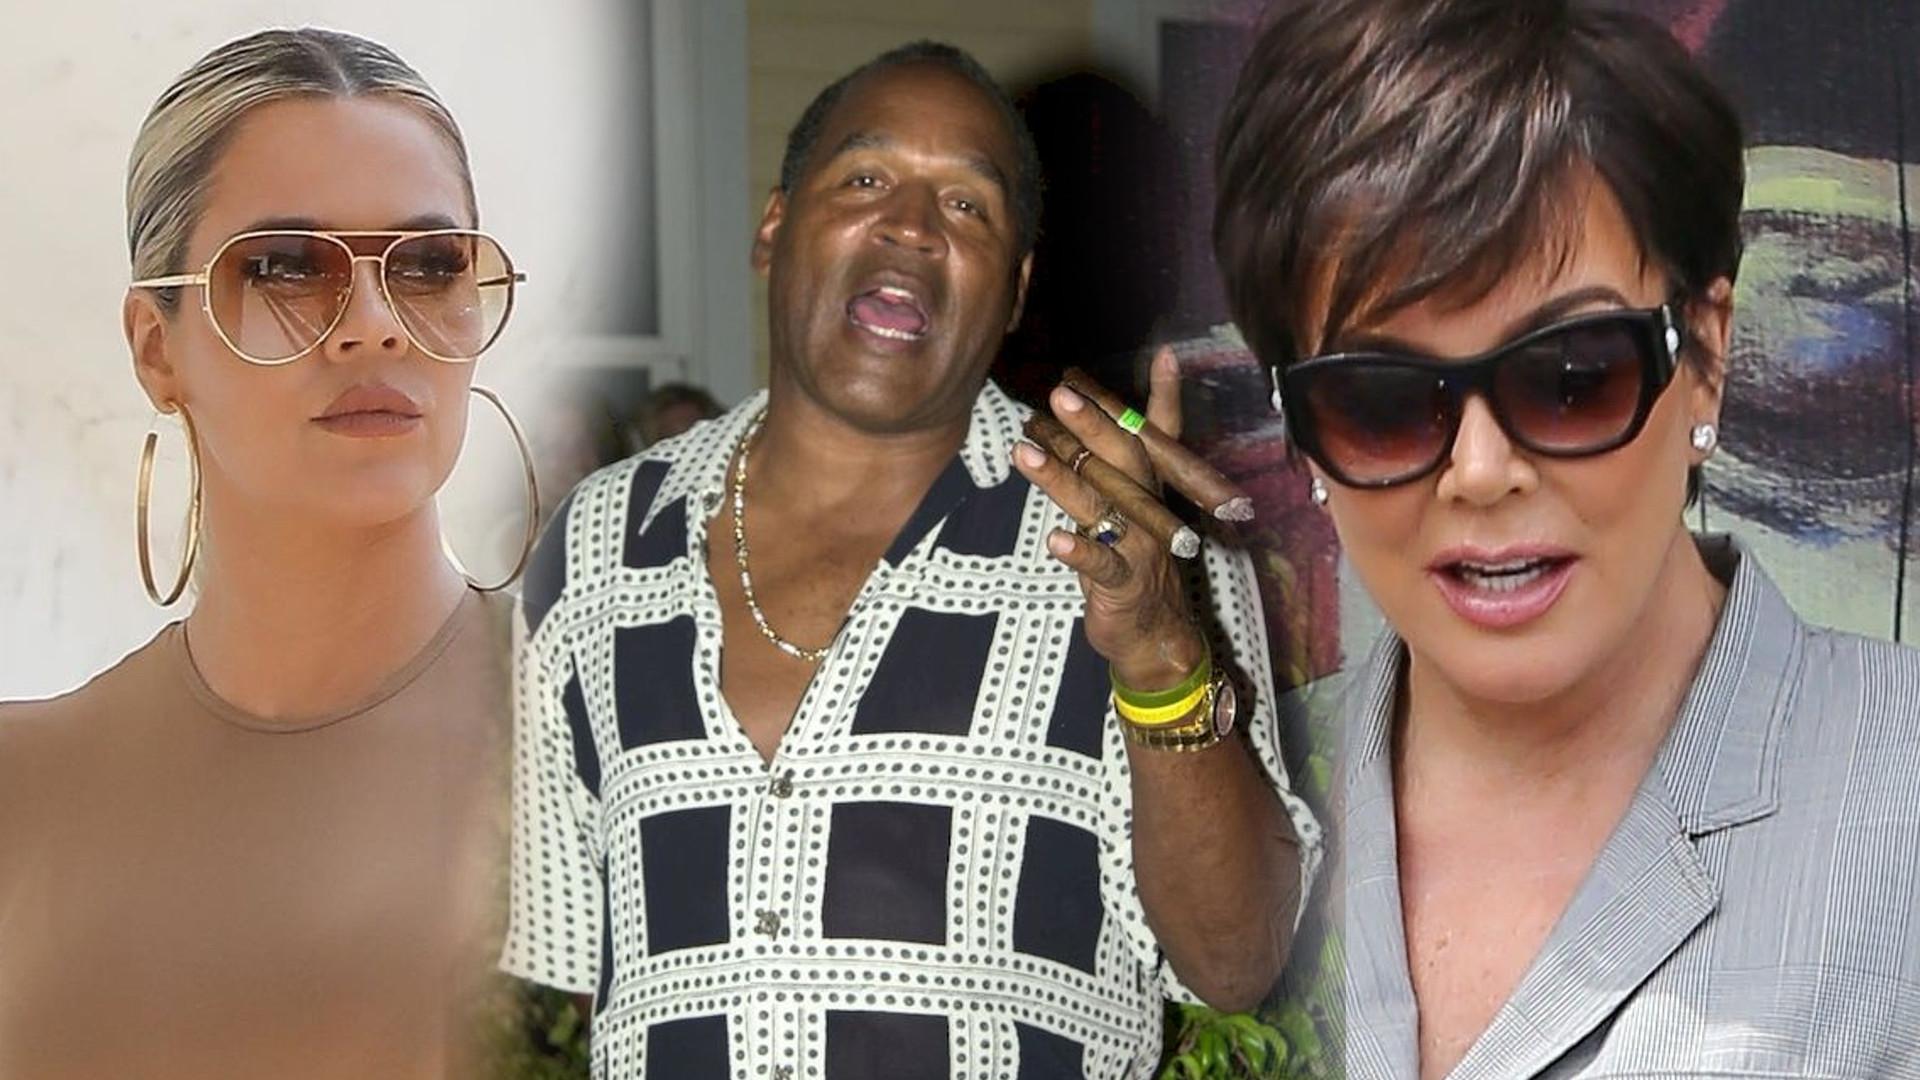 O. J. Simpson SKOMENTOWAŁ PLOTKI o tym, że jest OJCEM Khloe Kardashian